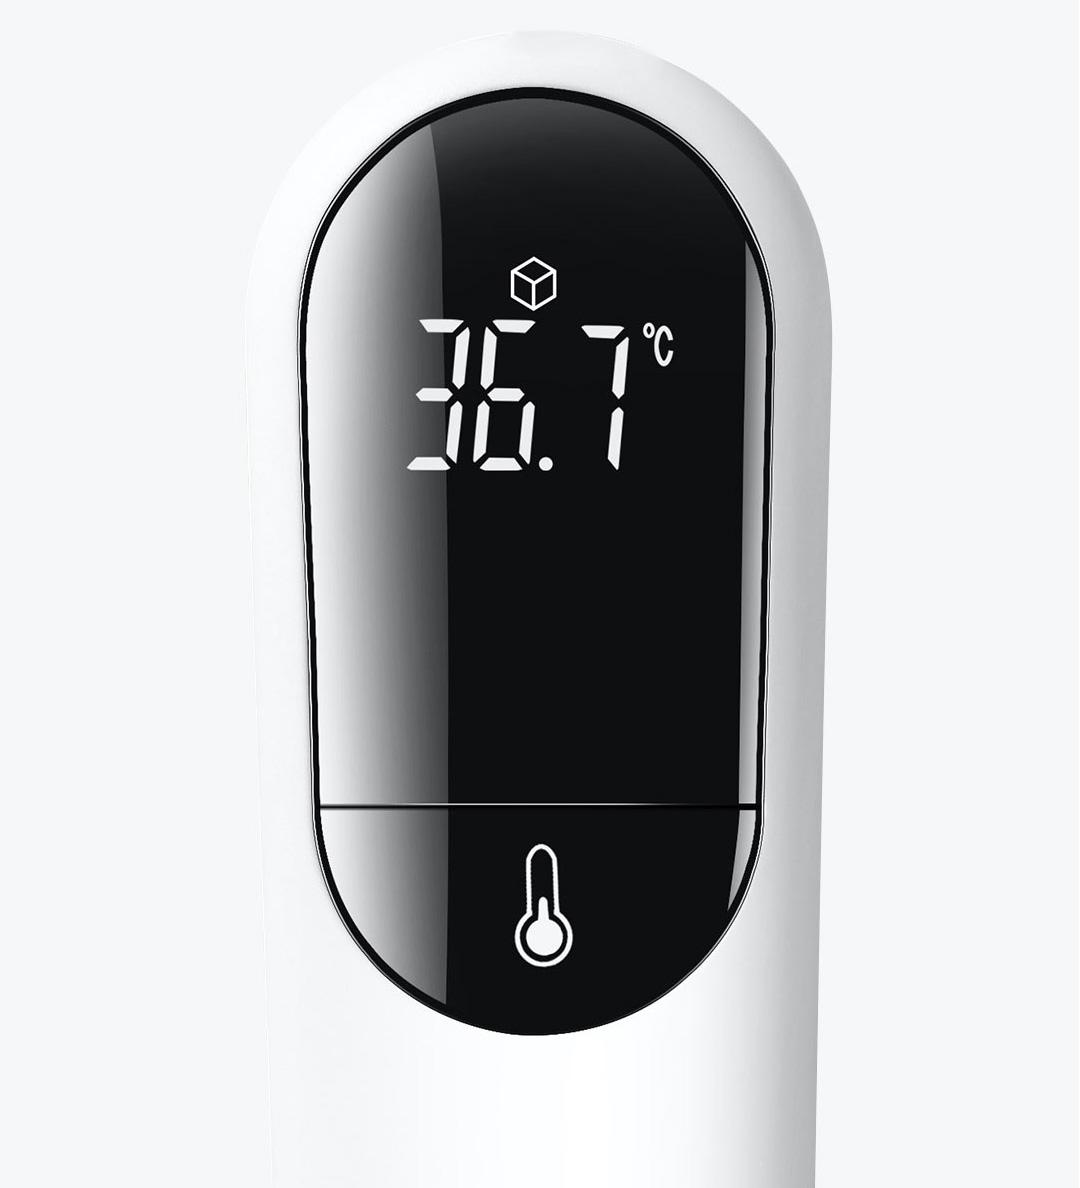 Xiaomi Berrcom Non-Contact Digital Infrared Thermometer JXB-305